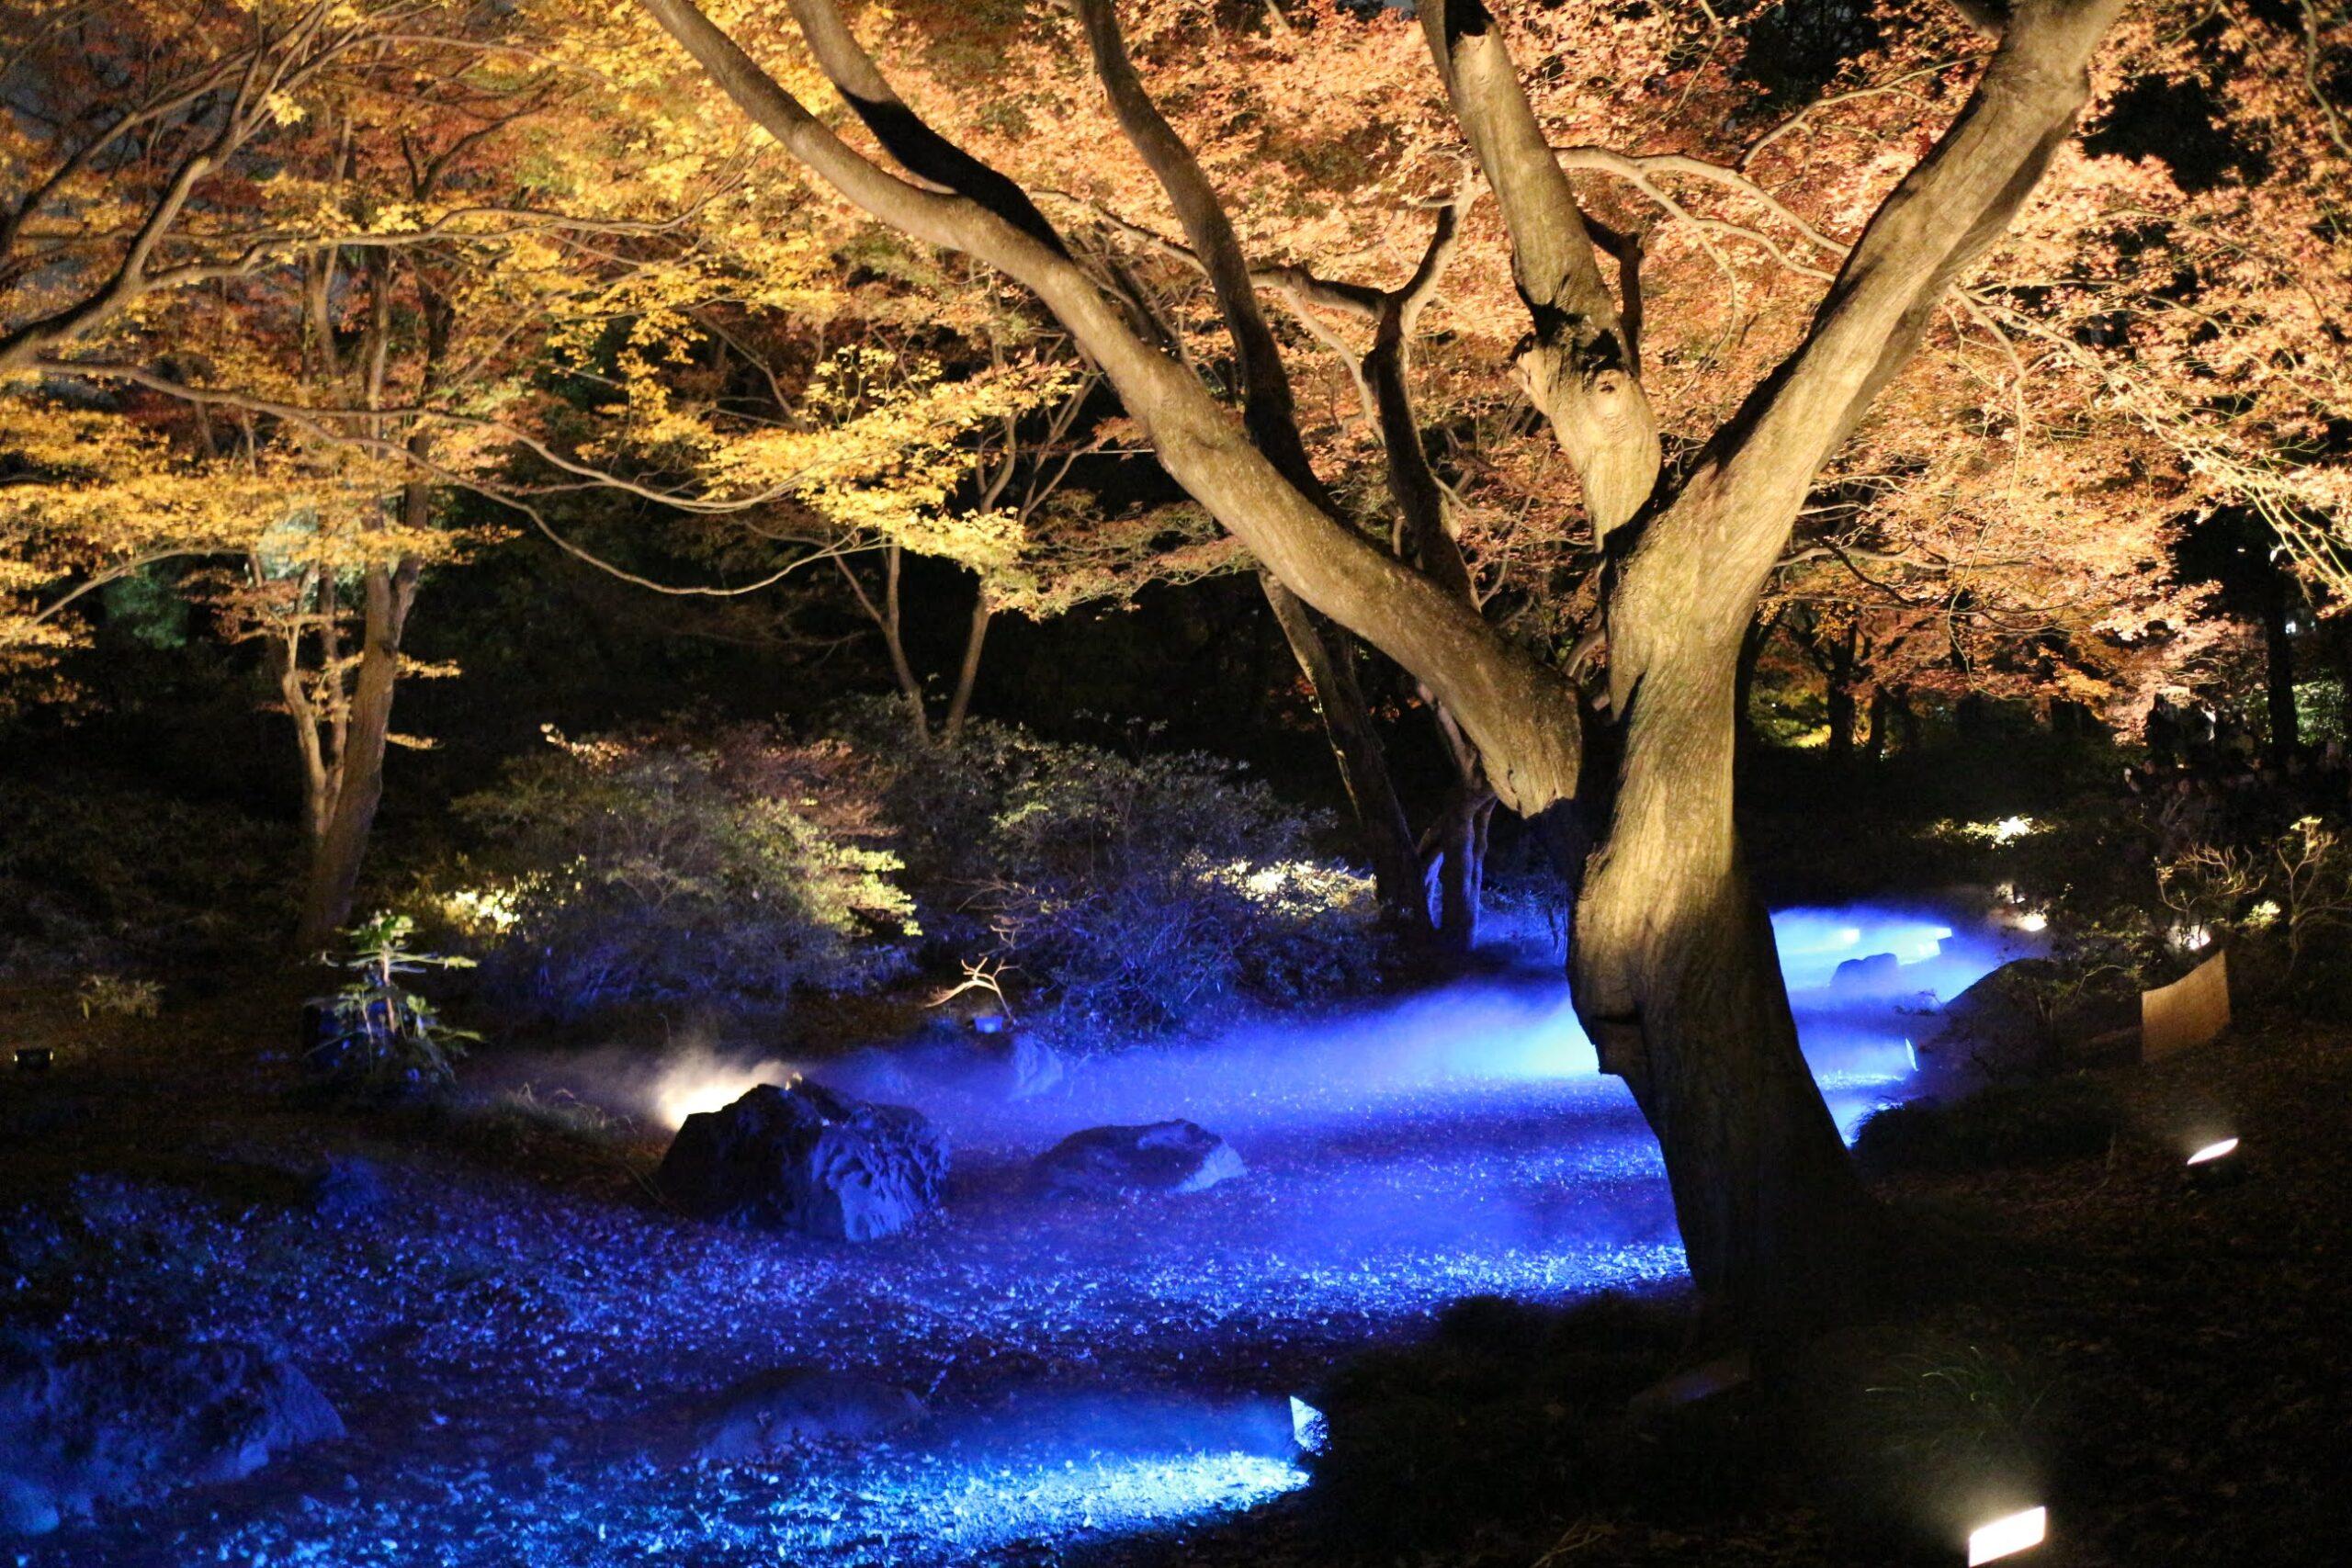 [2019] 六義園の「紅葉と大名庭園のライトアップ」は11/20(水)より